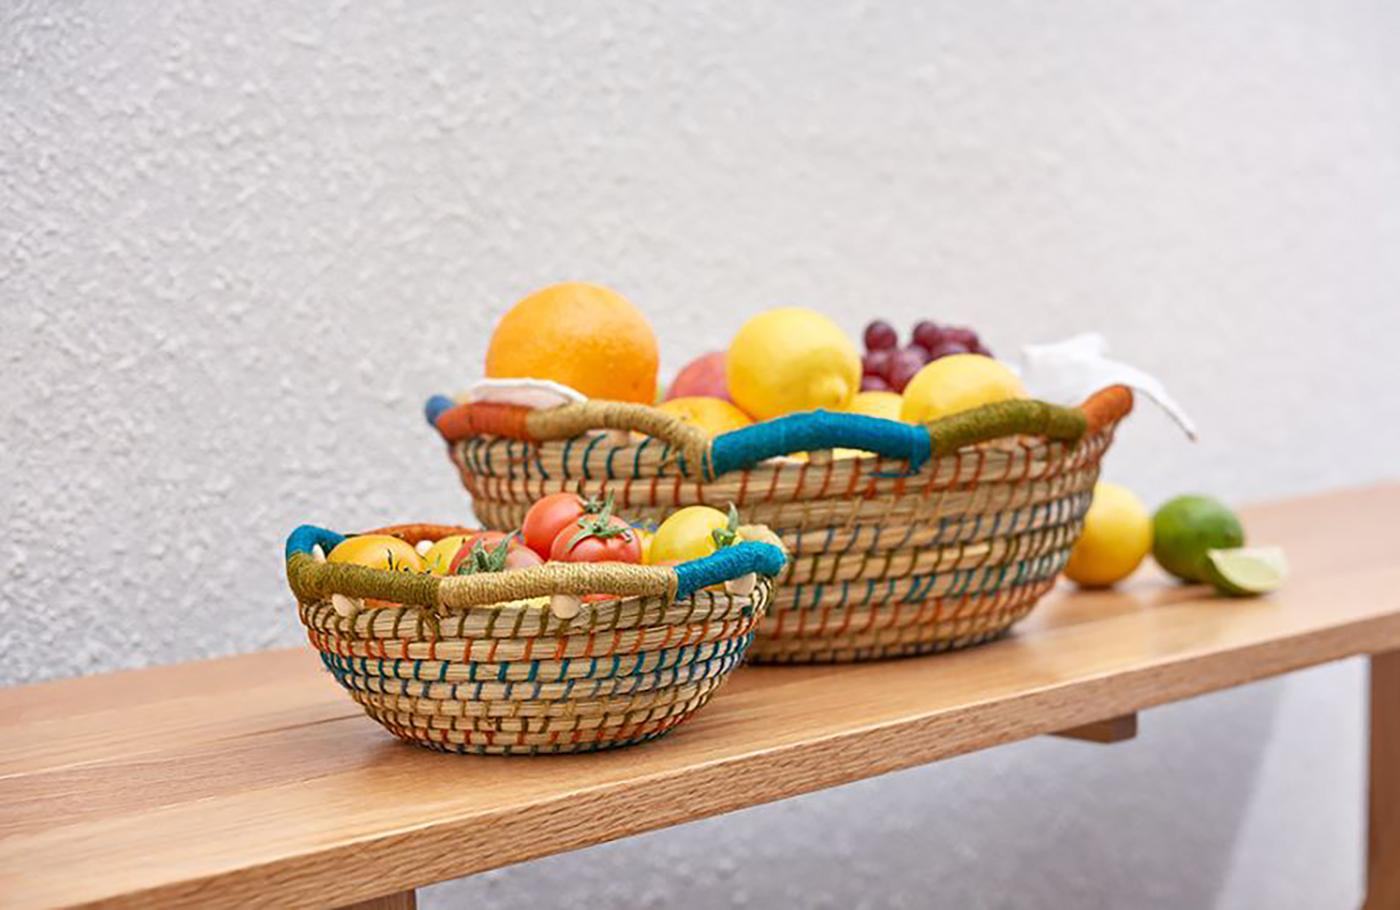 주뜨 과일 바스켓(S/M)/집 안의 좋은 포인트가 되어 주는 감성 바스켓 상세이미지2